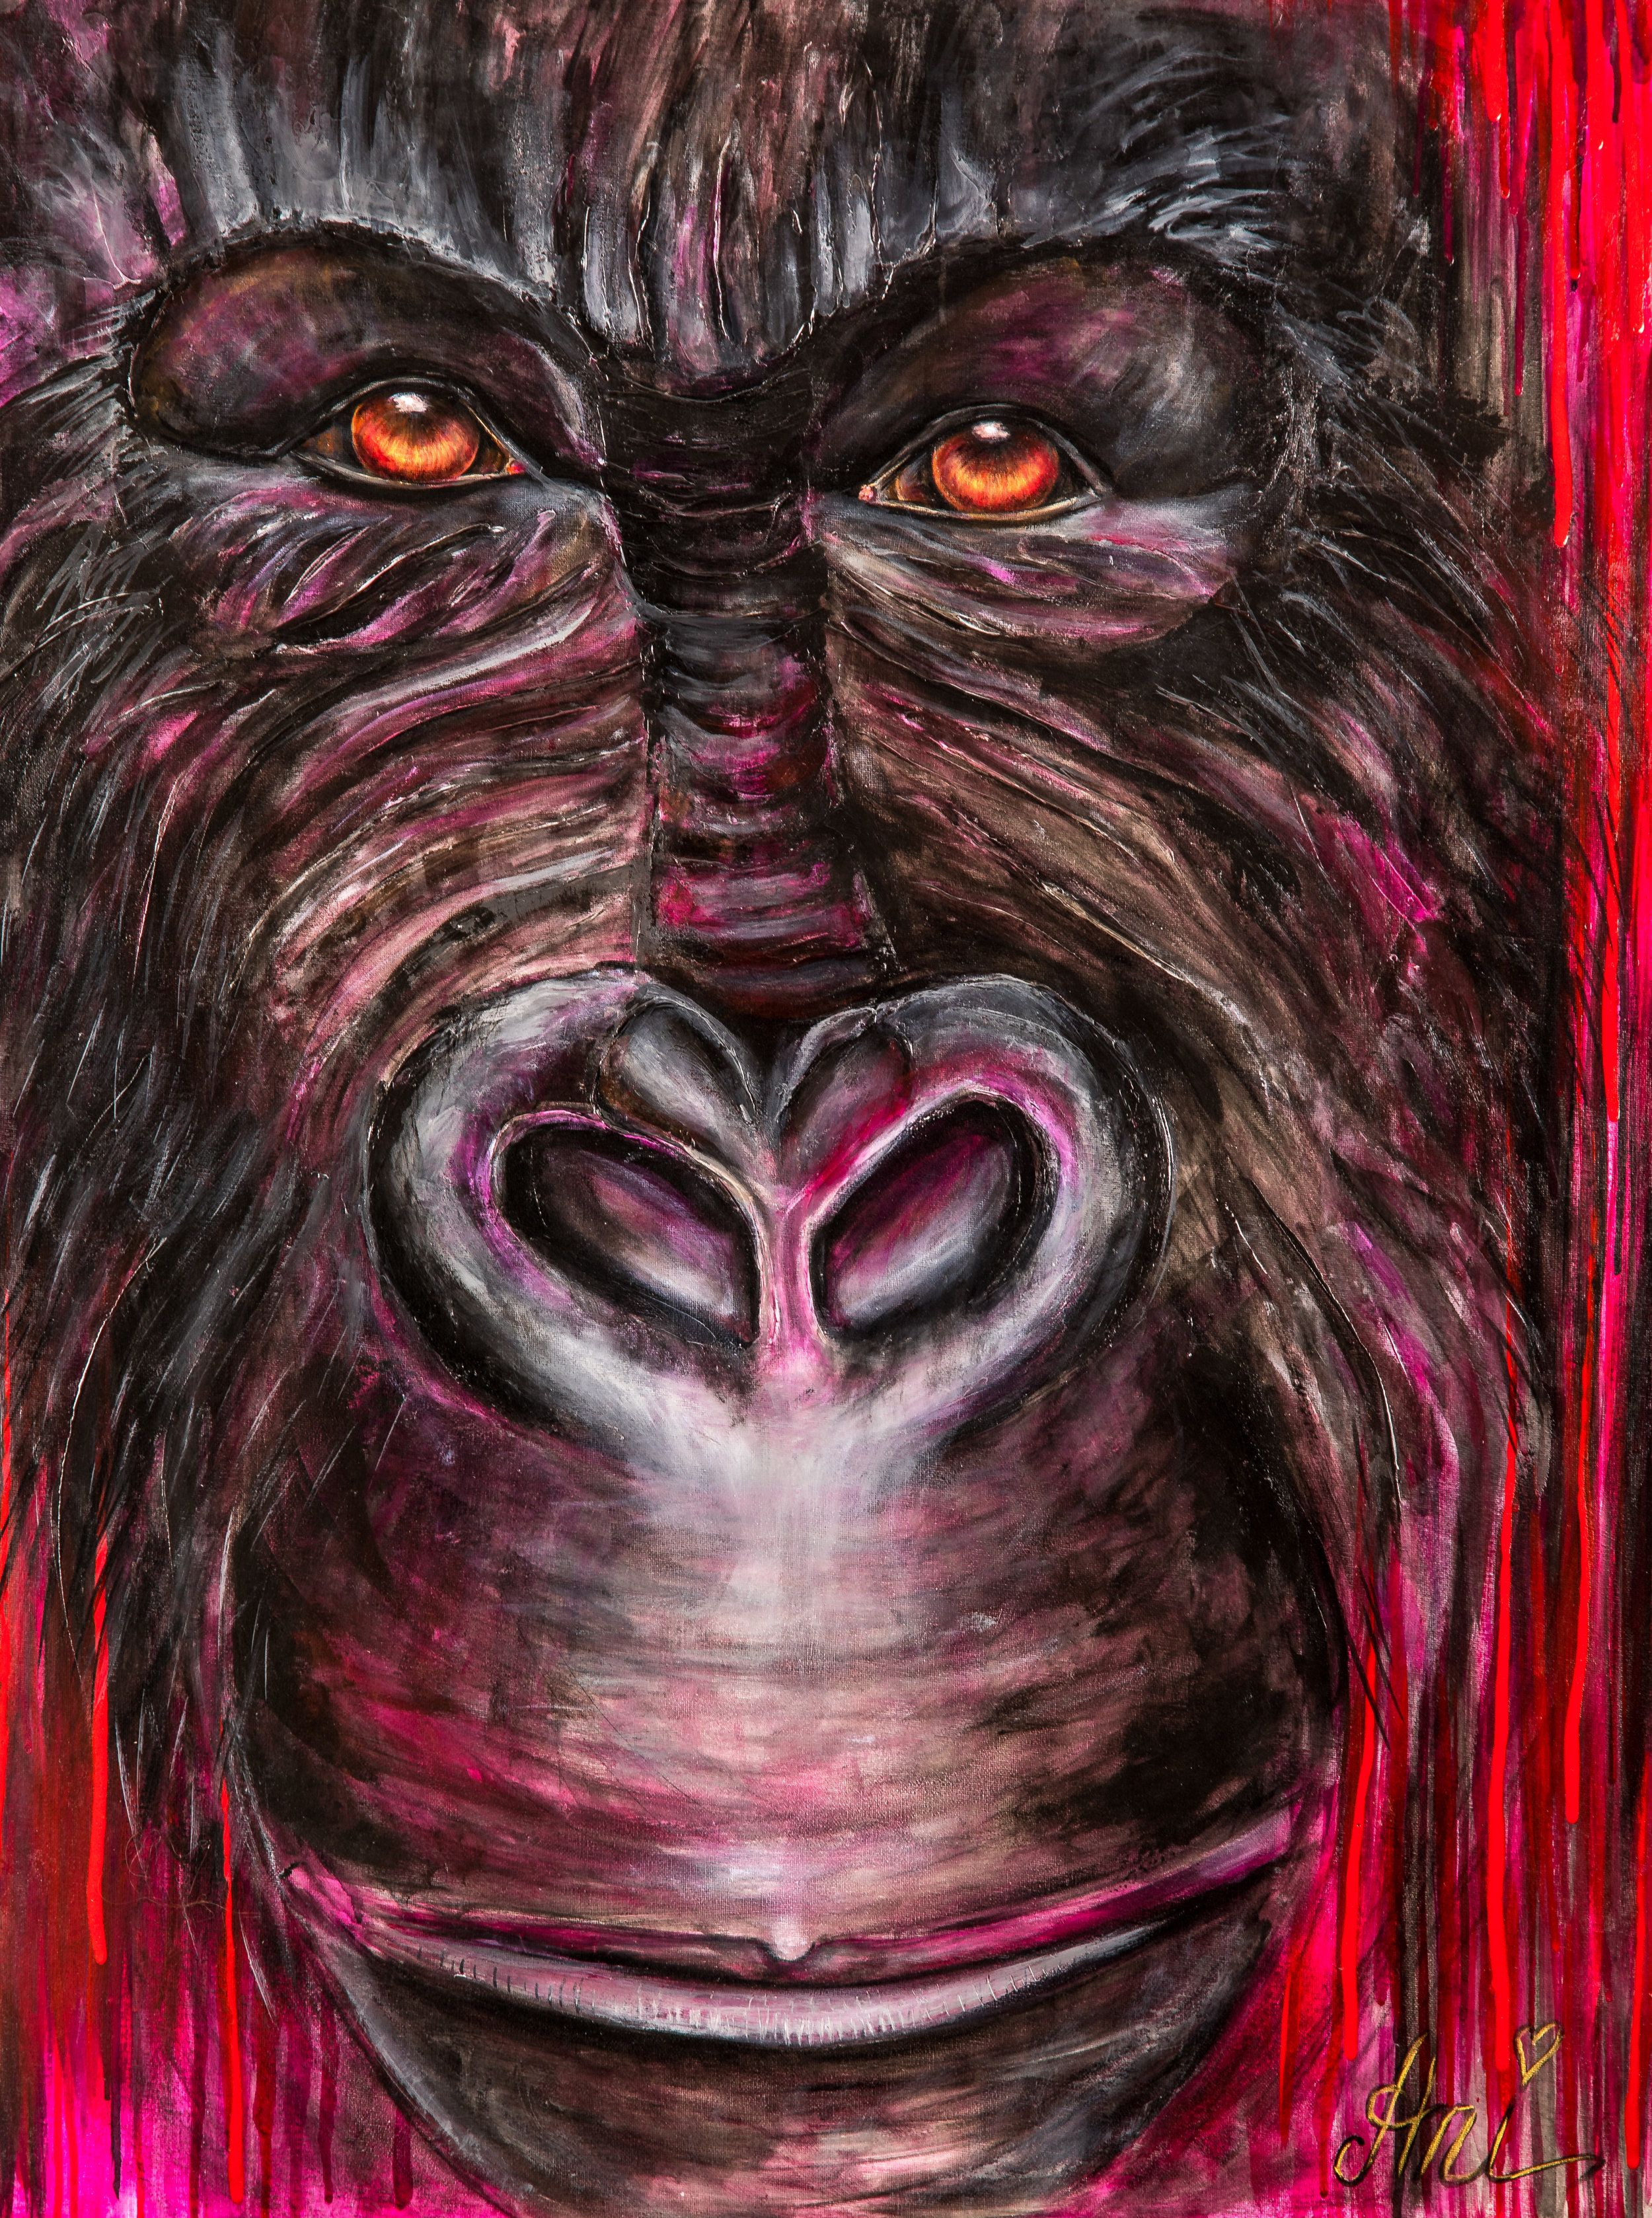 Le Gorille : Peinture acrylique sur toile 3D, 100cm x 75cm  Prix: 250€ + frais de livraison